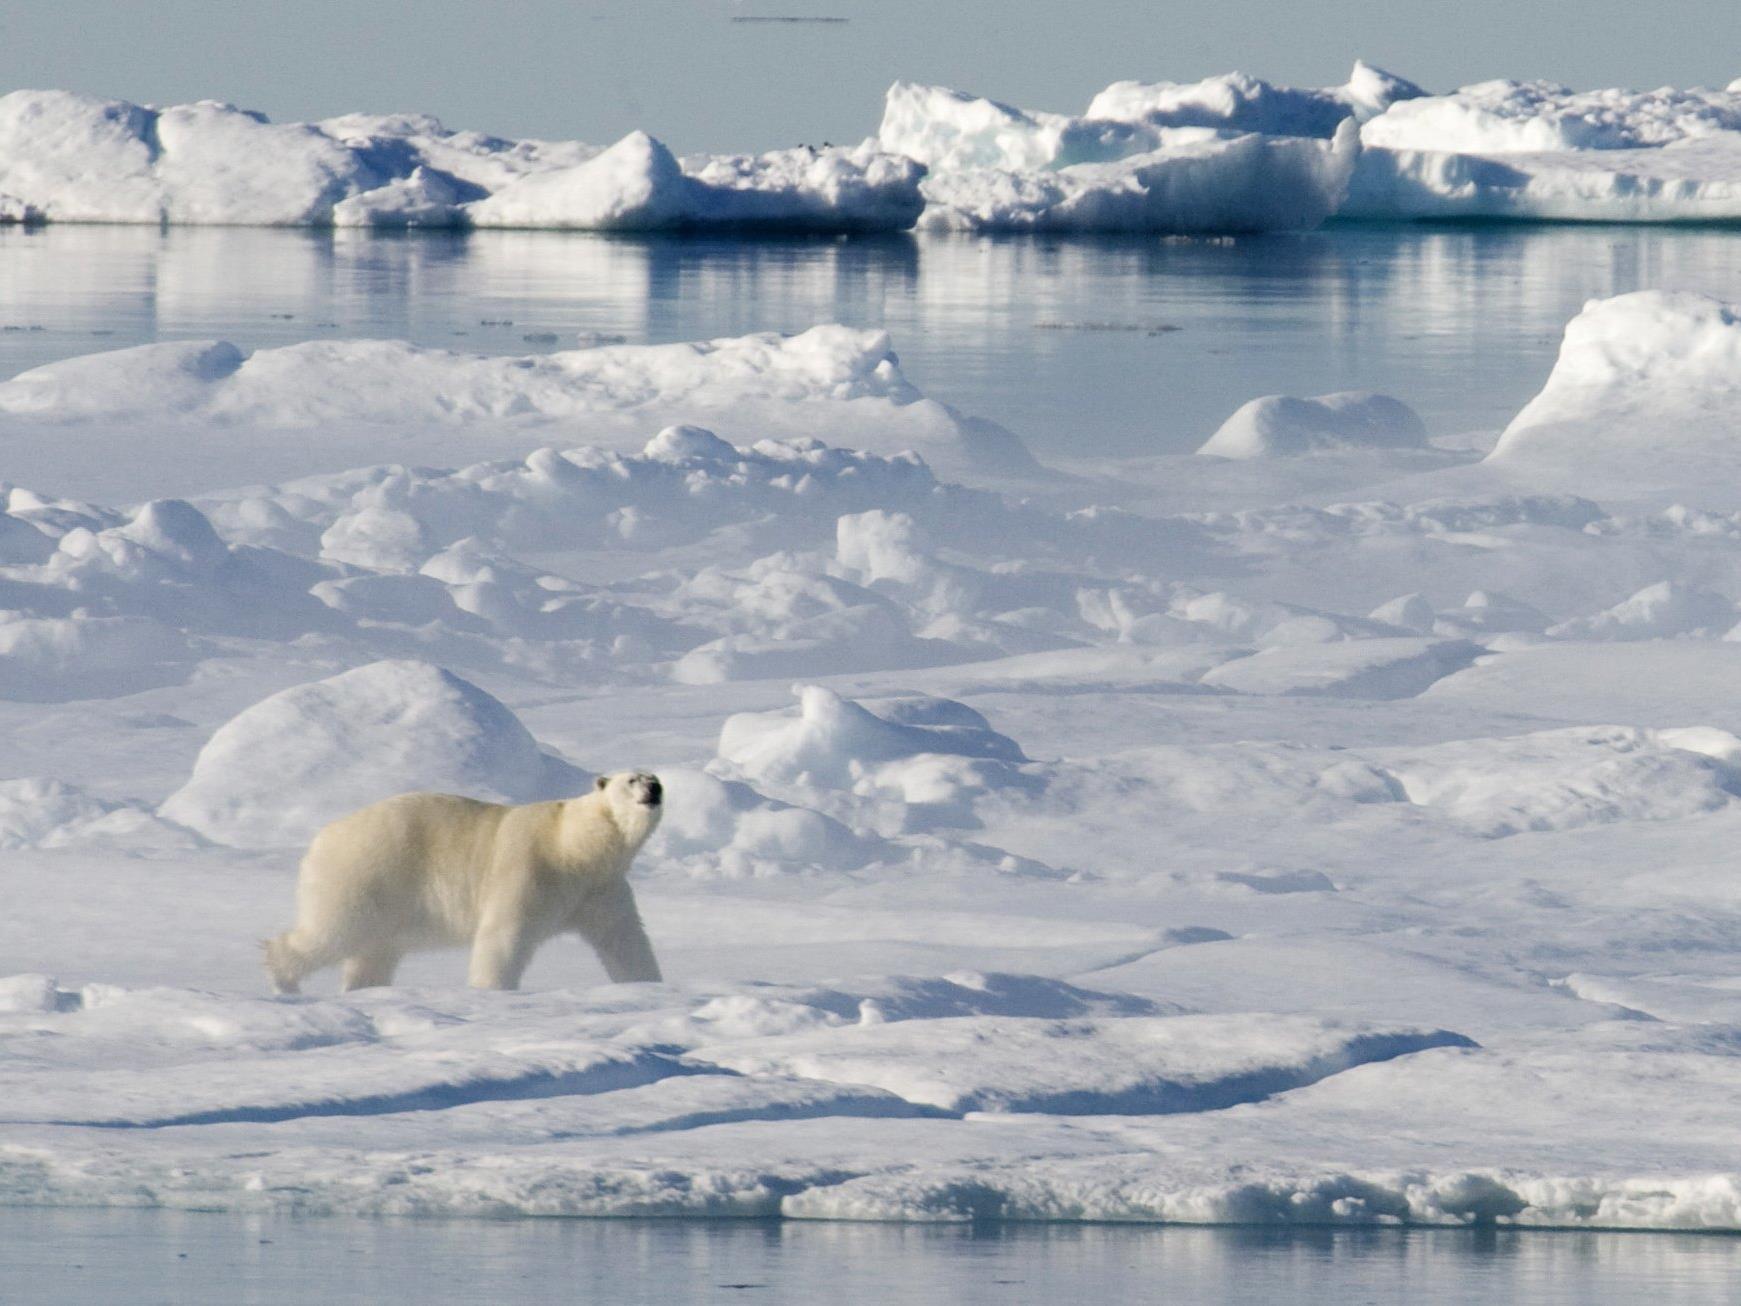 Das Eis für diesen Eisbären wird wohl weiter schmelzen.